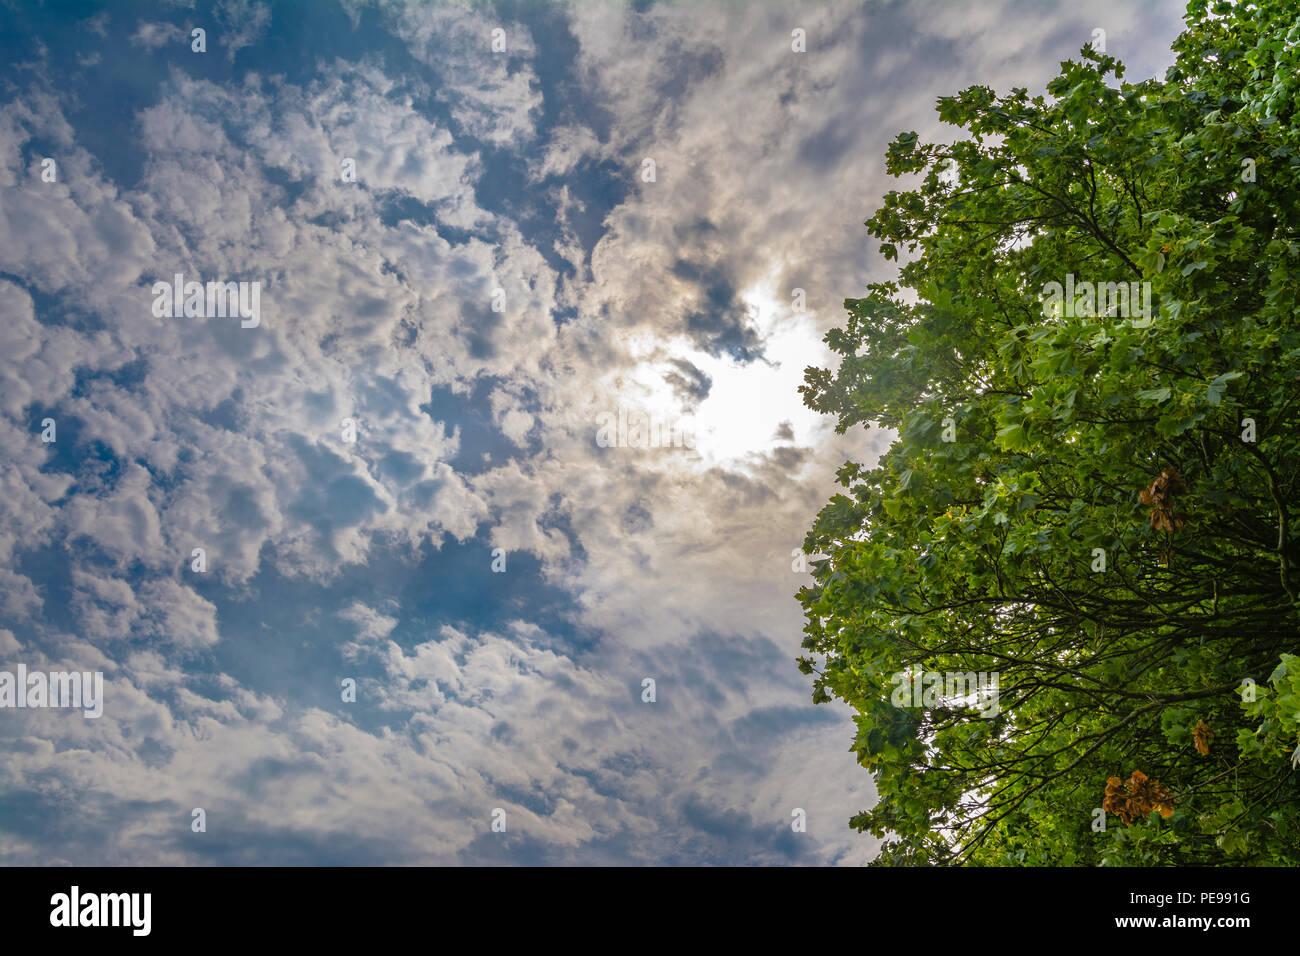 Scène à contraste élevé de ciel bleu avec le soleil essayant de briller à travers les nuages blancs, par un arbre vert, en été dans le Royaume-Uni. Banque D'Images